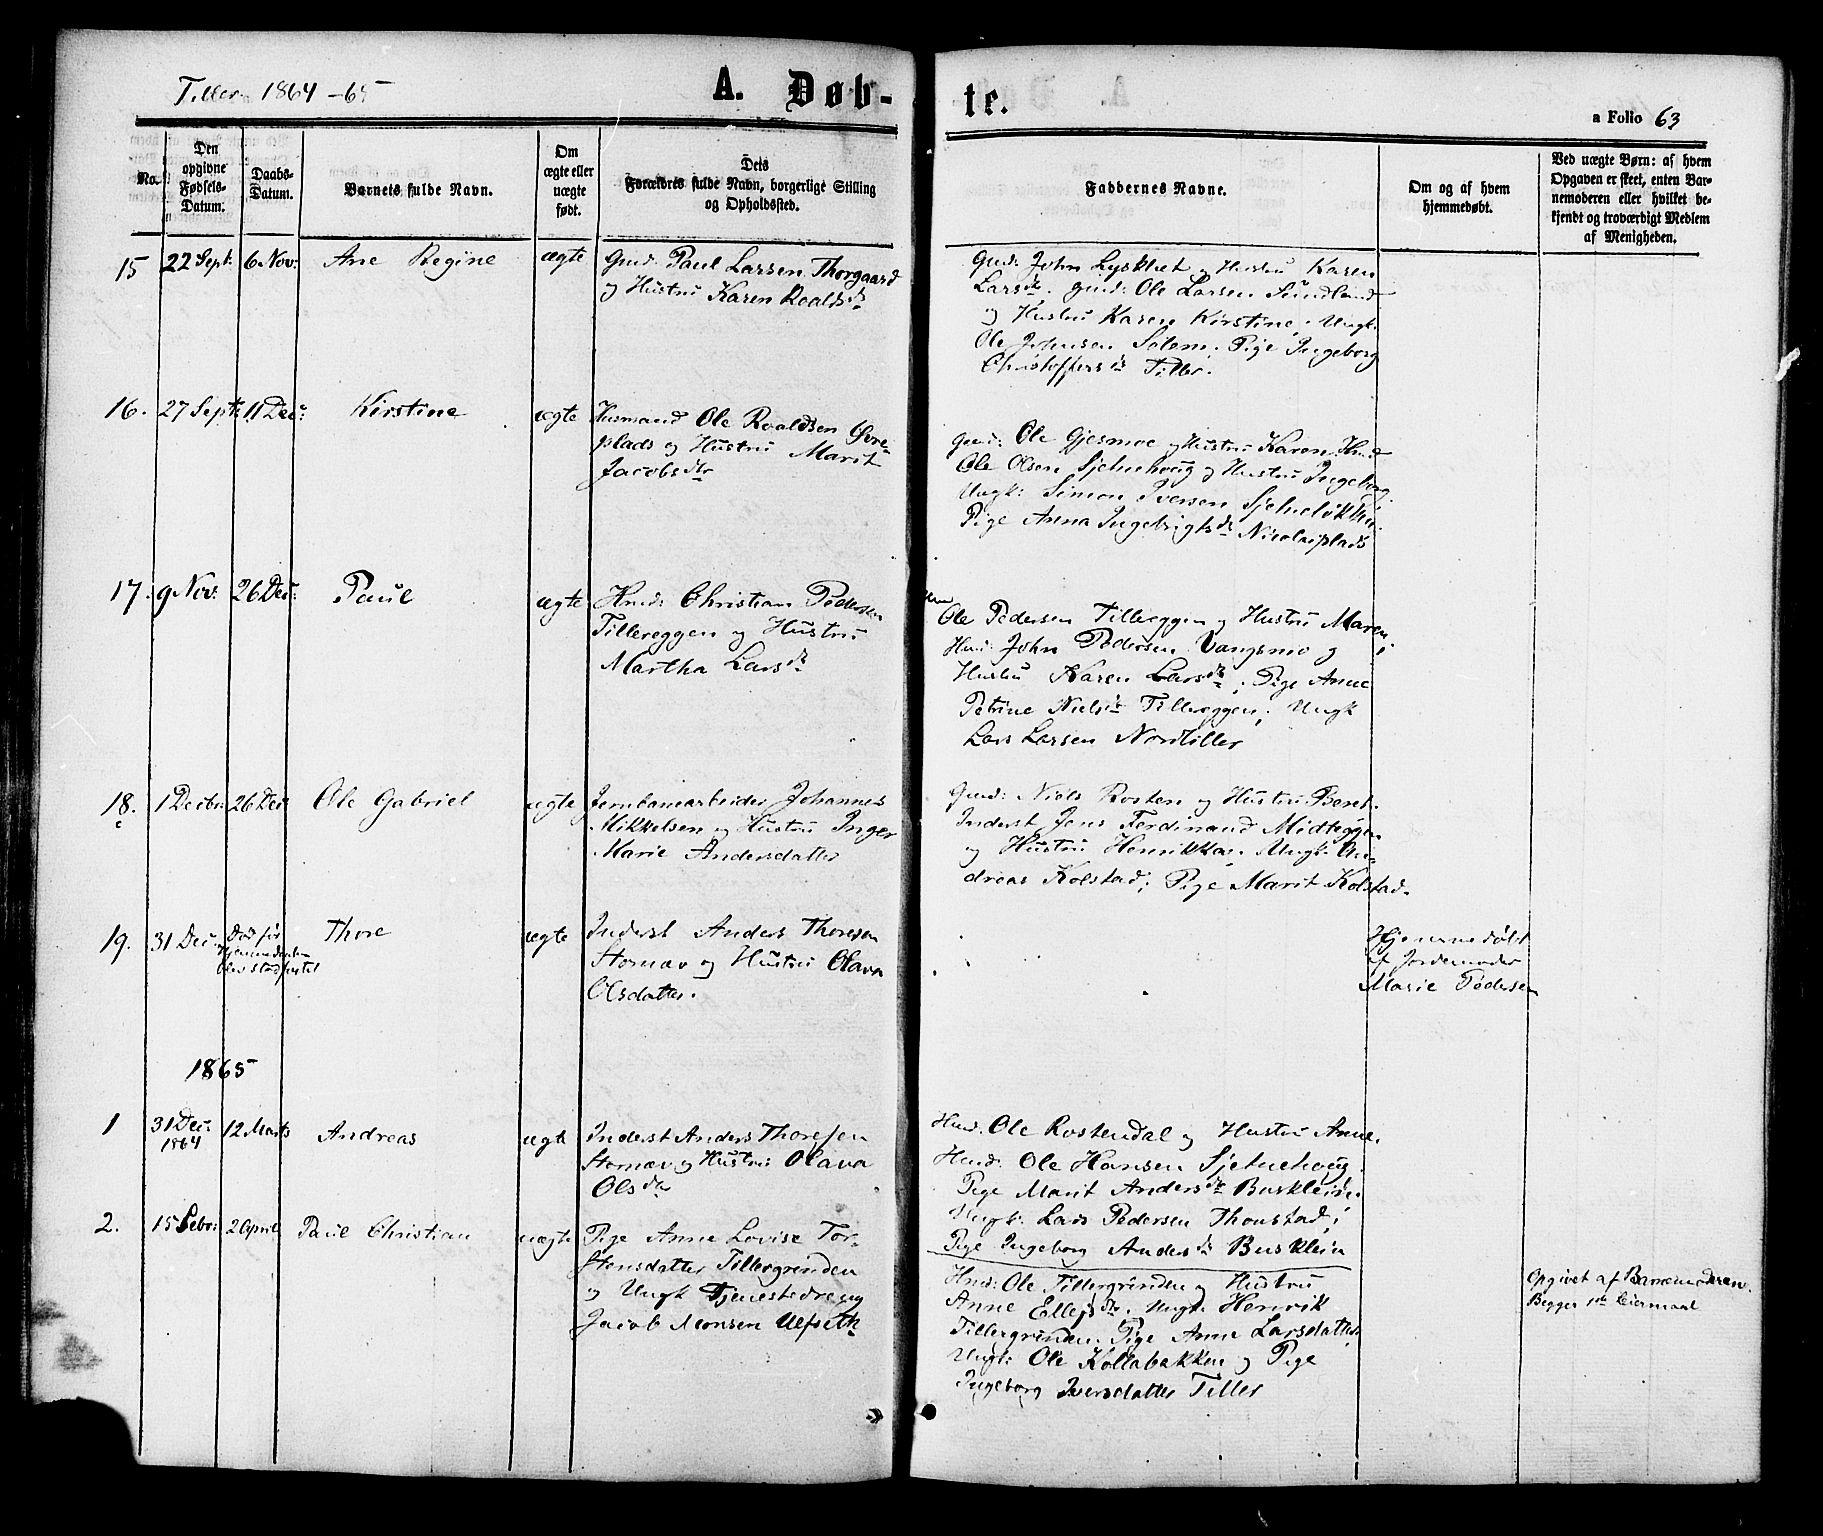 SAT, Ministerialprotokoller, klokkerbøker og fødselsregistre - Sør-Trøndelag, 618/L0443: Ministerialbok nr. 618A06 /2, 1863-1879, s. 63